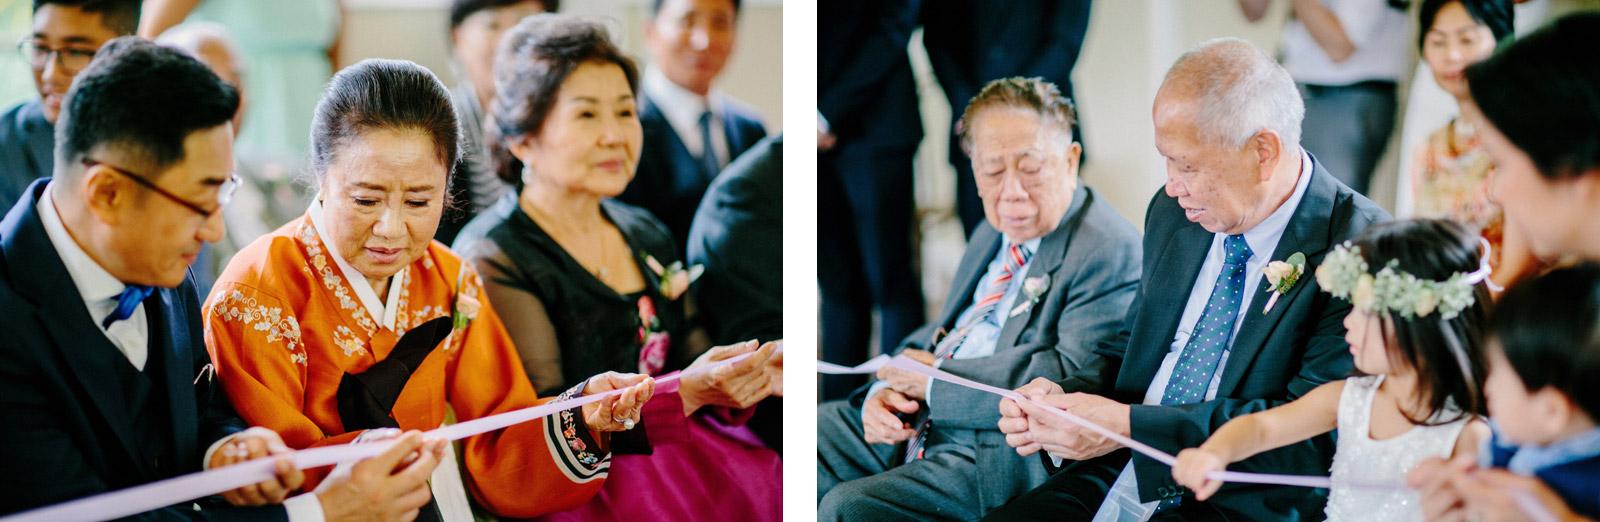 wedding-sonia-kev-051